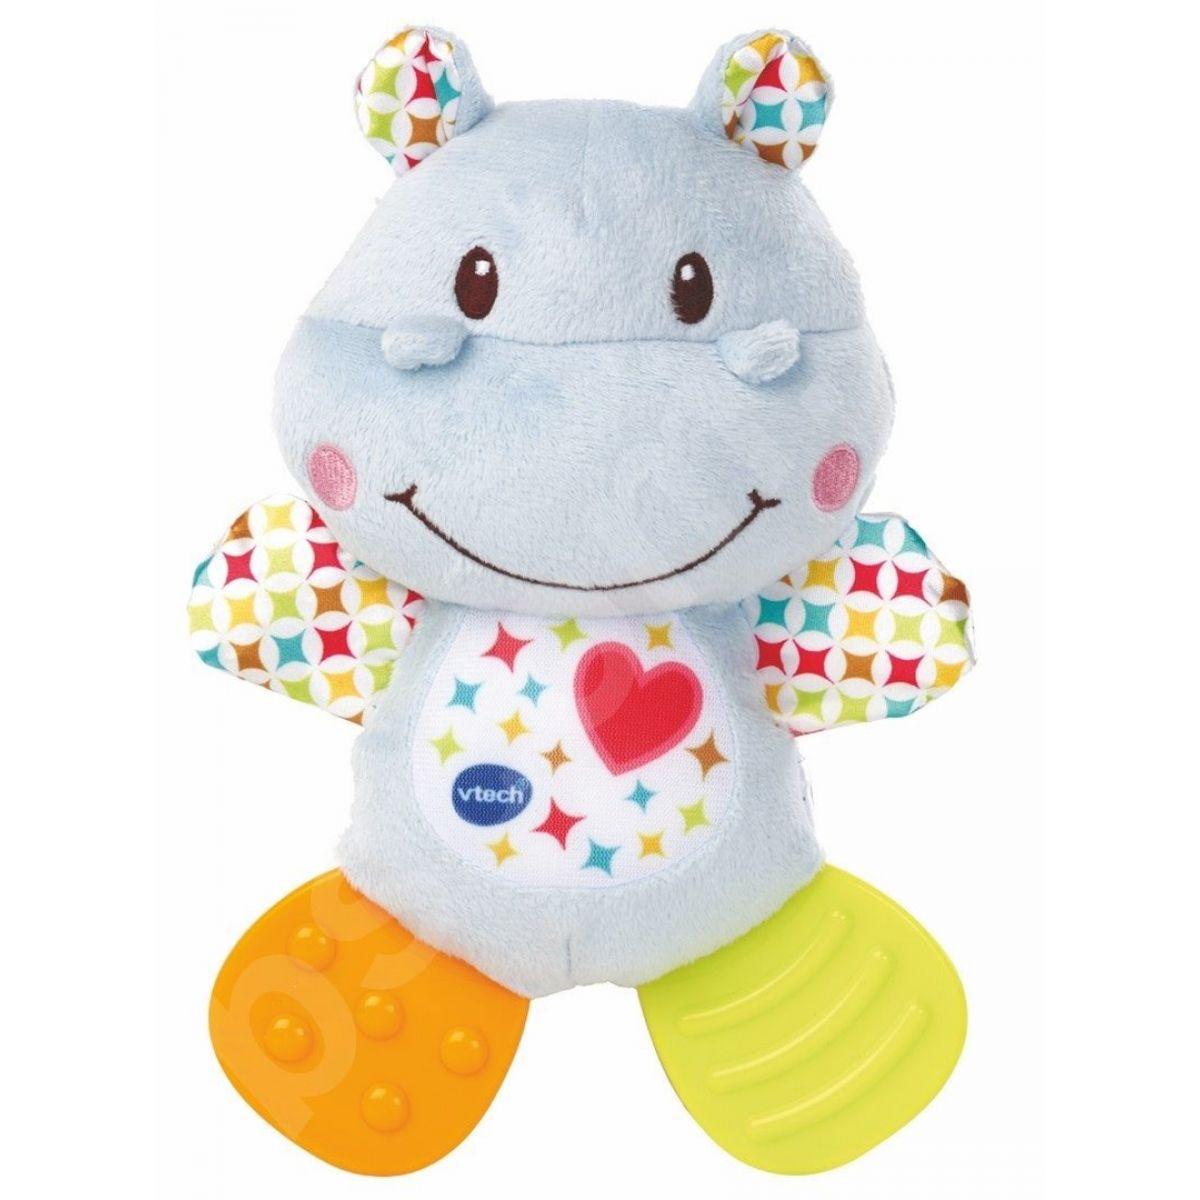 Vtech Prvý darček pre bábätko (CZ) - modrý